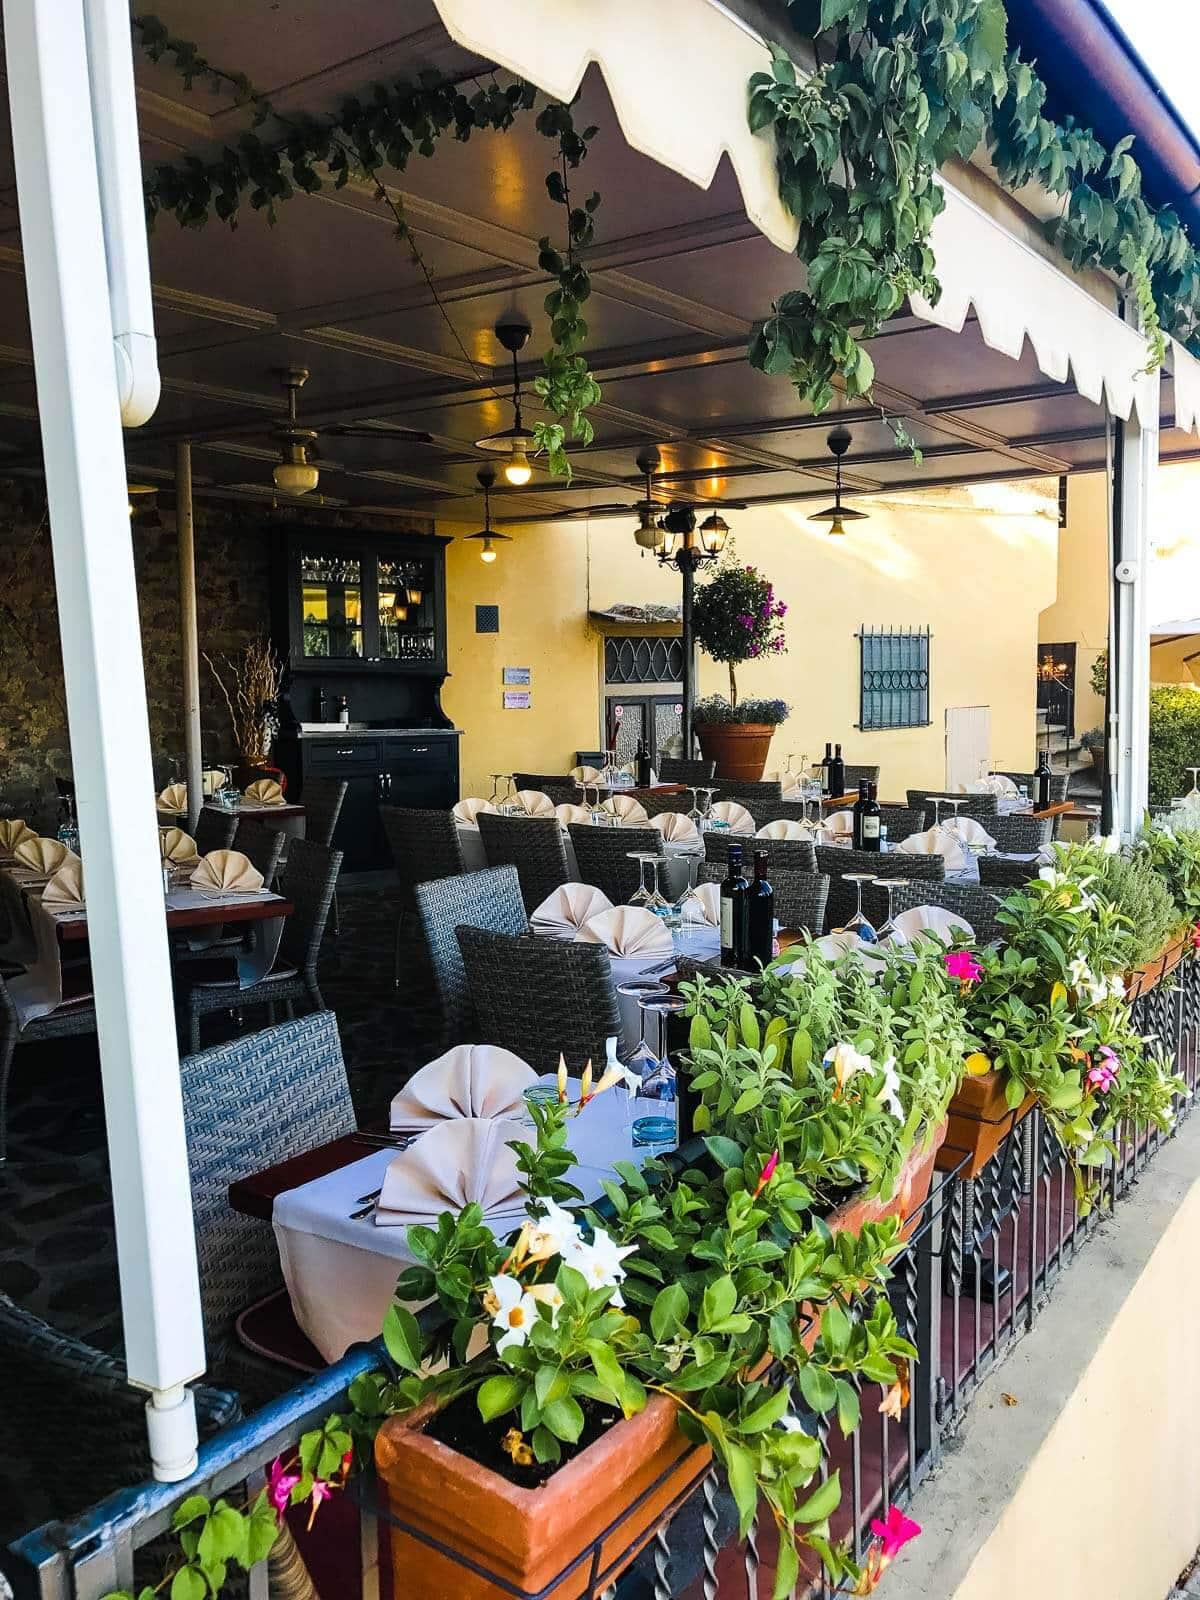 La Reggia Fiesole Italy, Best Restaurant in Fiesole ohsweetbasil.com